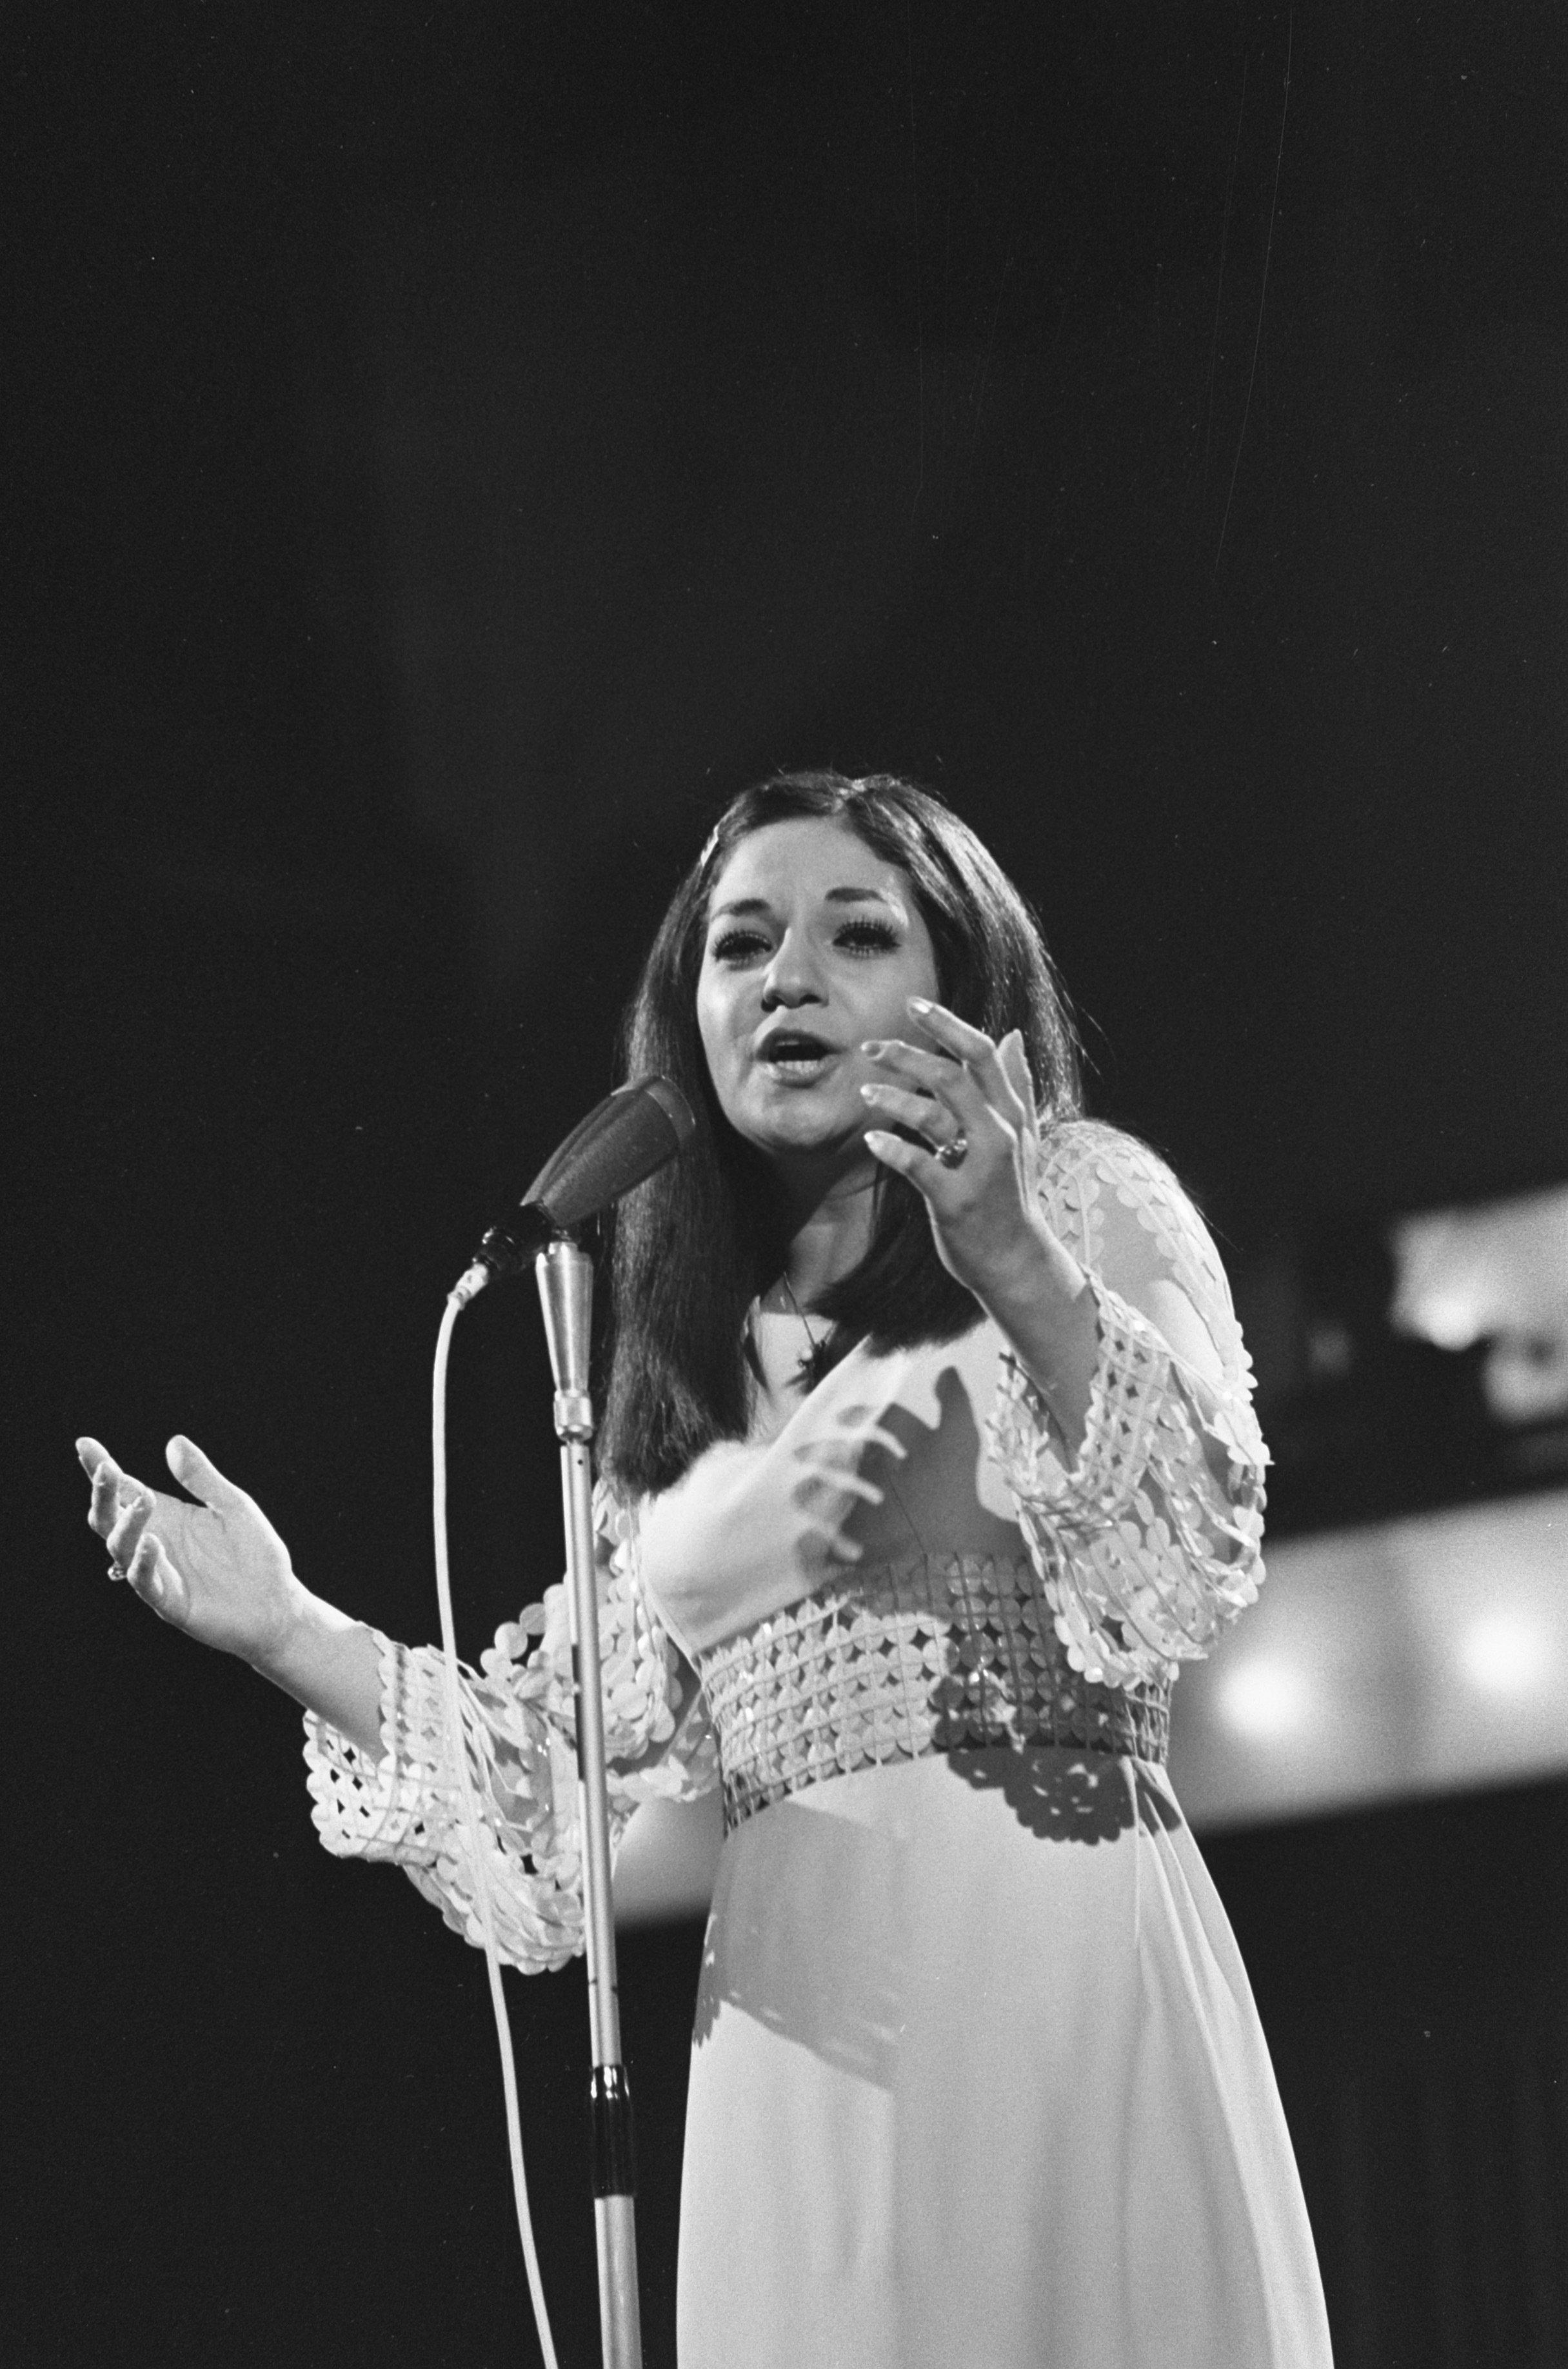 Frida Boccara - Wikipedia